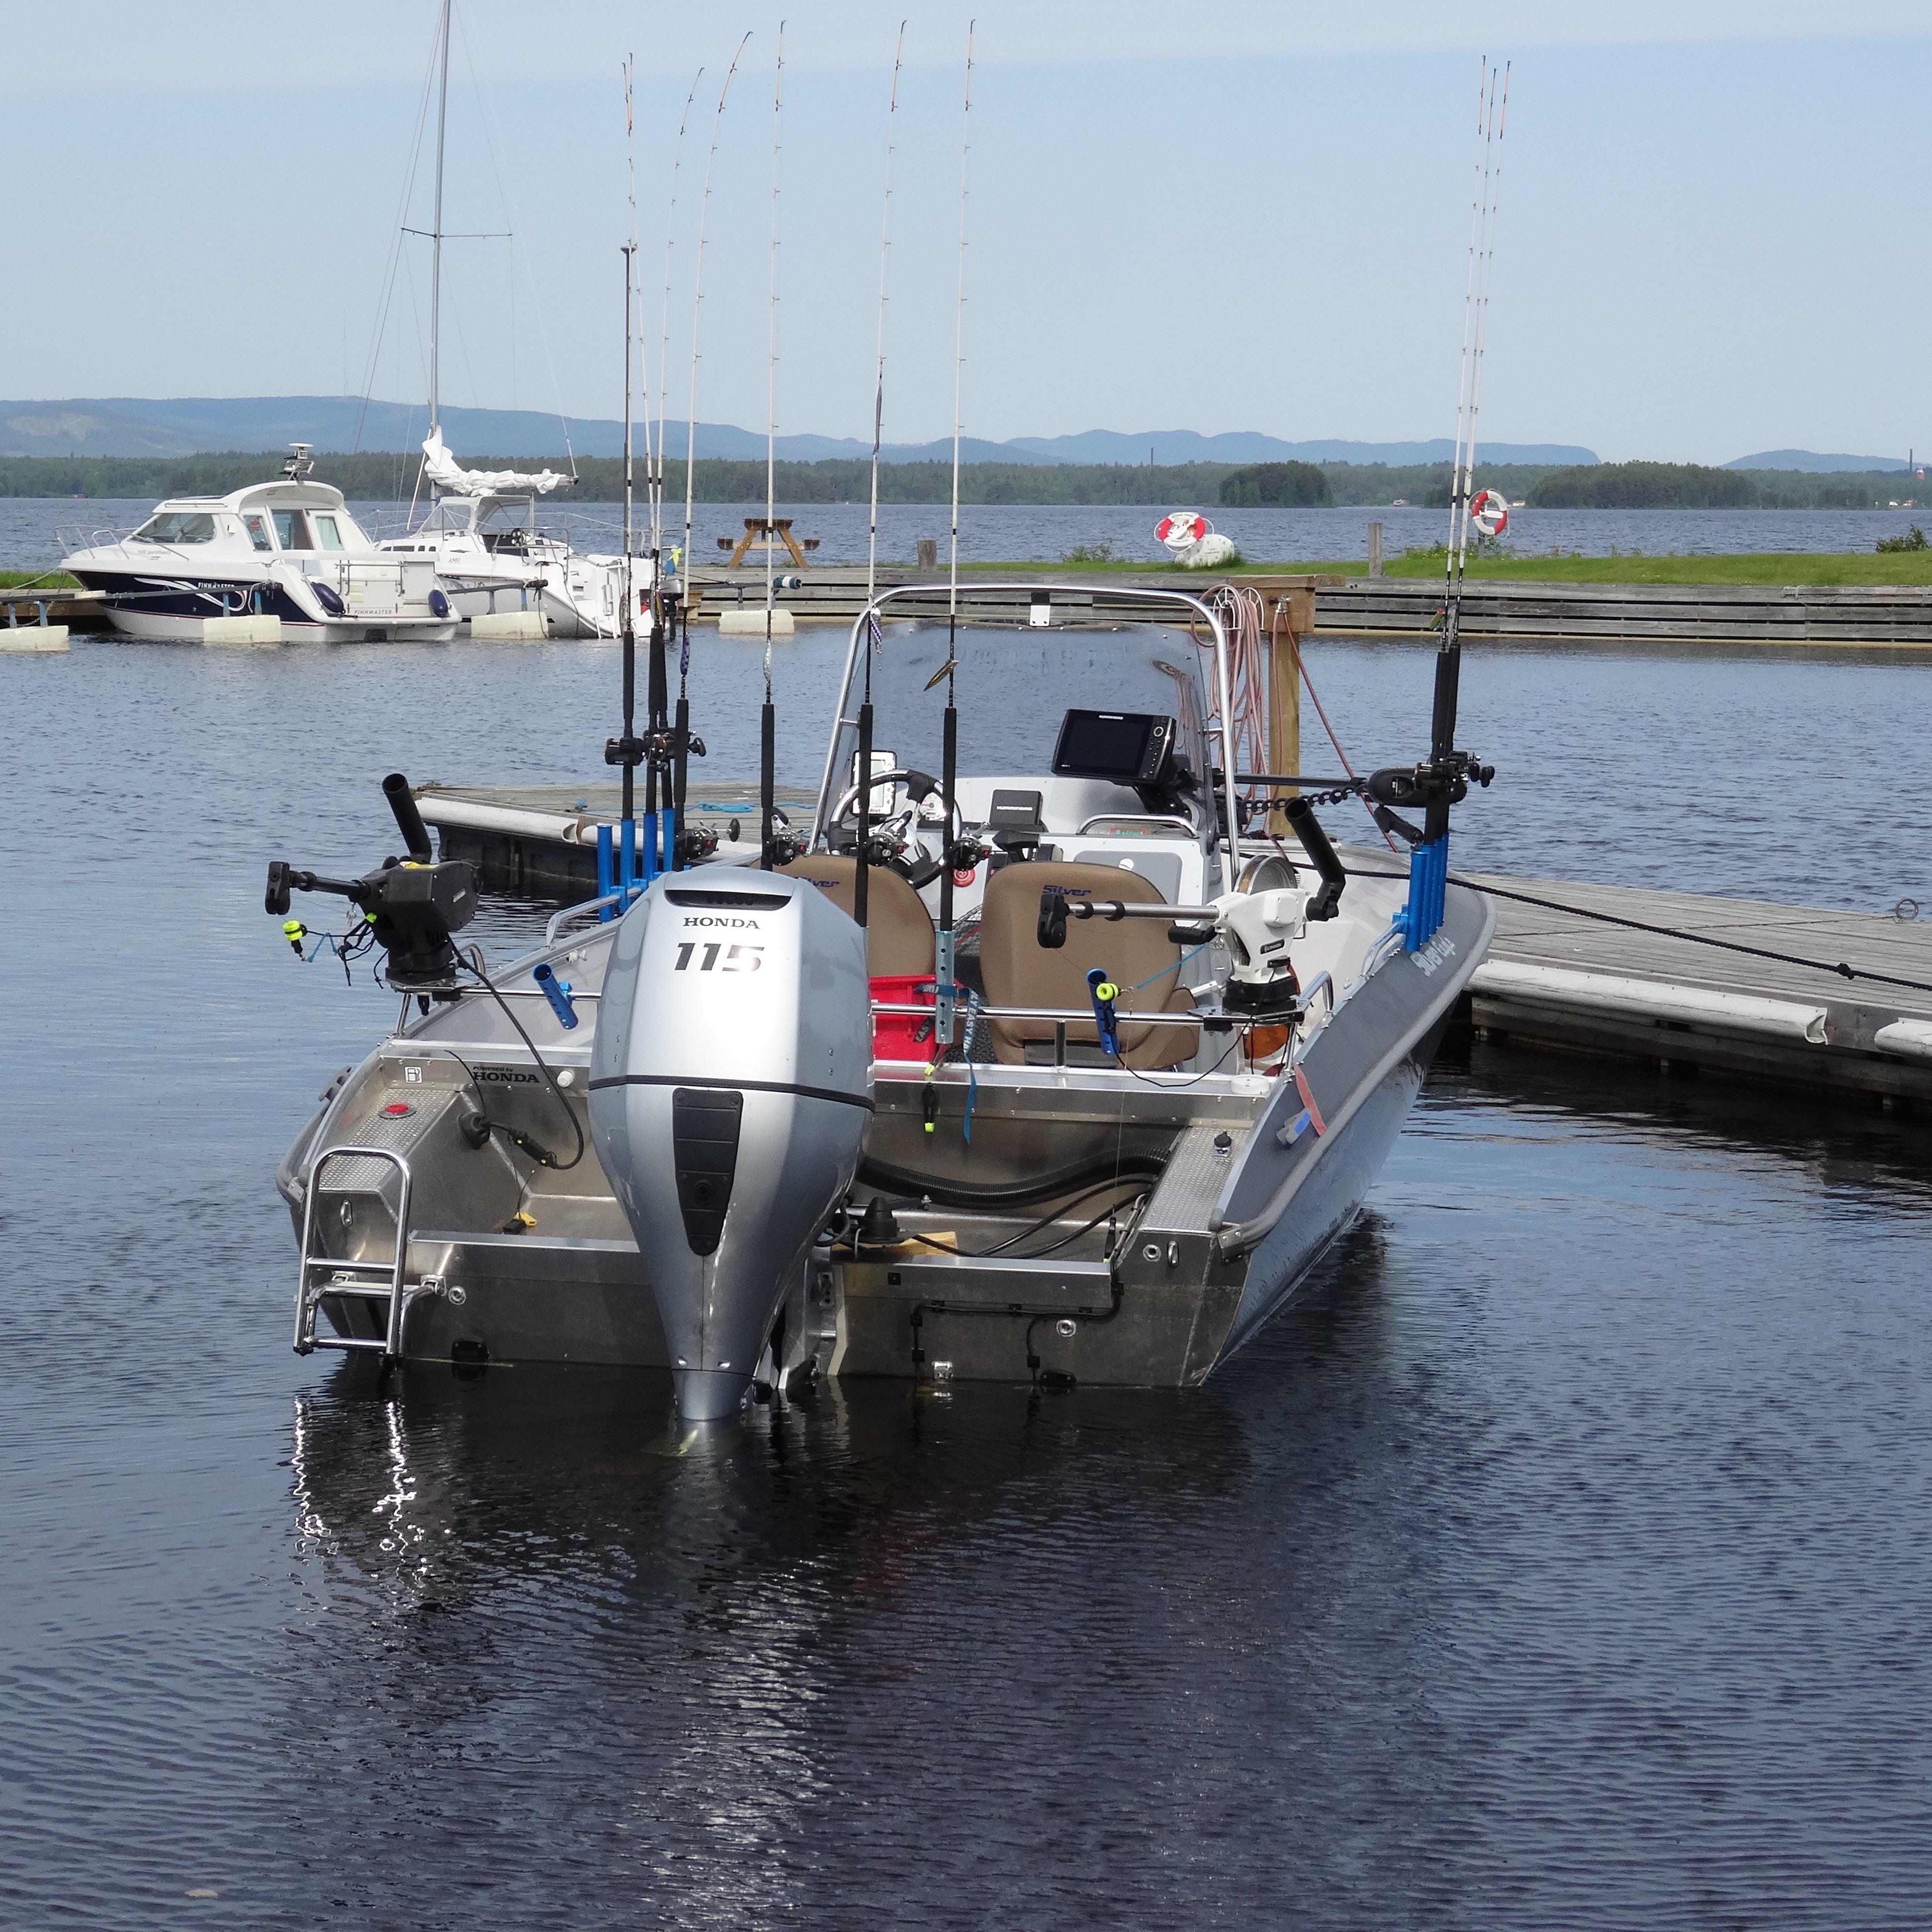 Trollingpaket med guidade turer på Orsasjön och Siljan